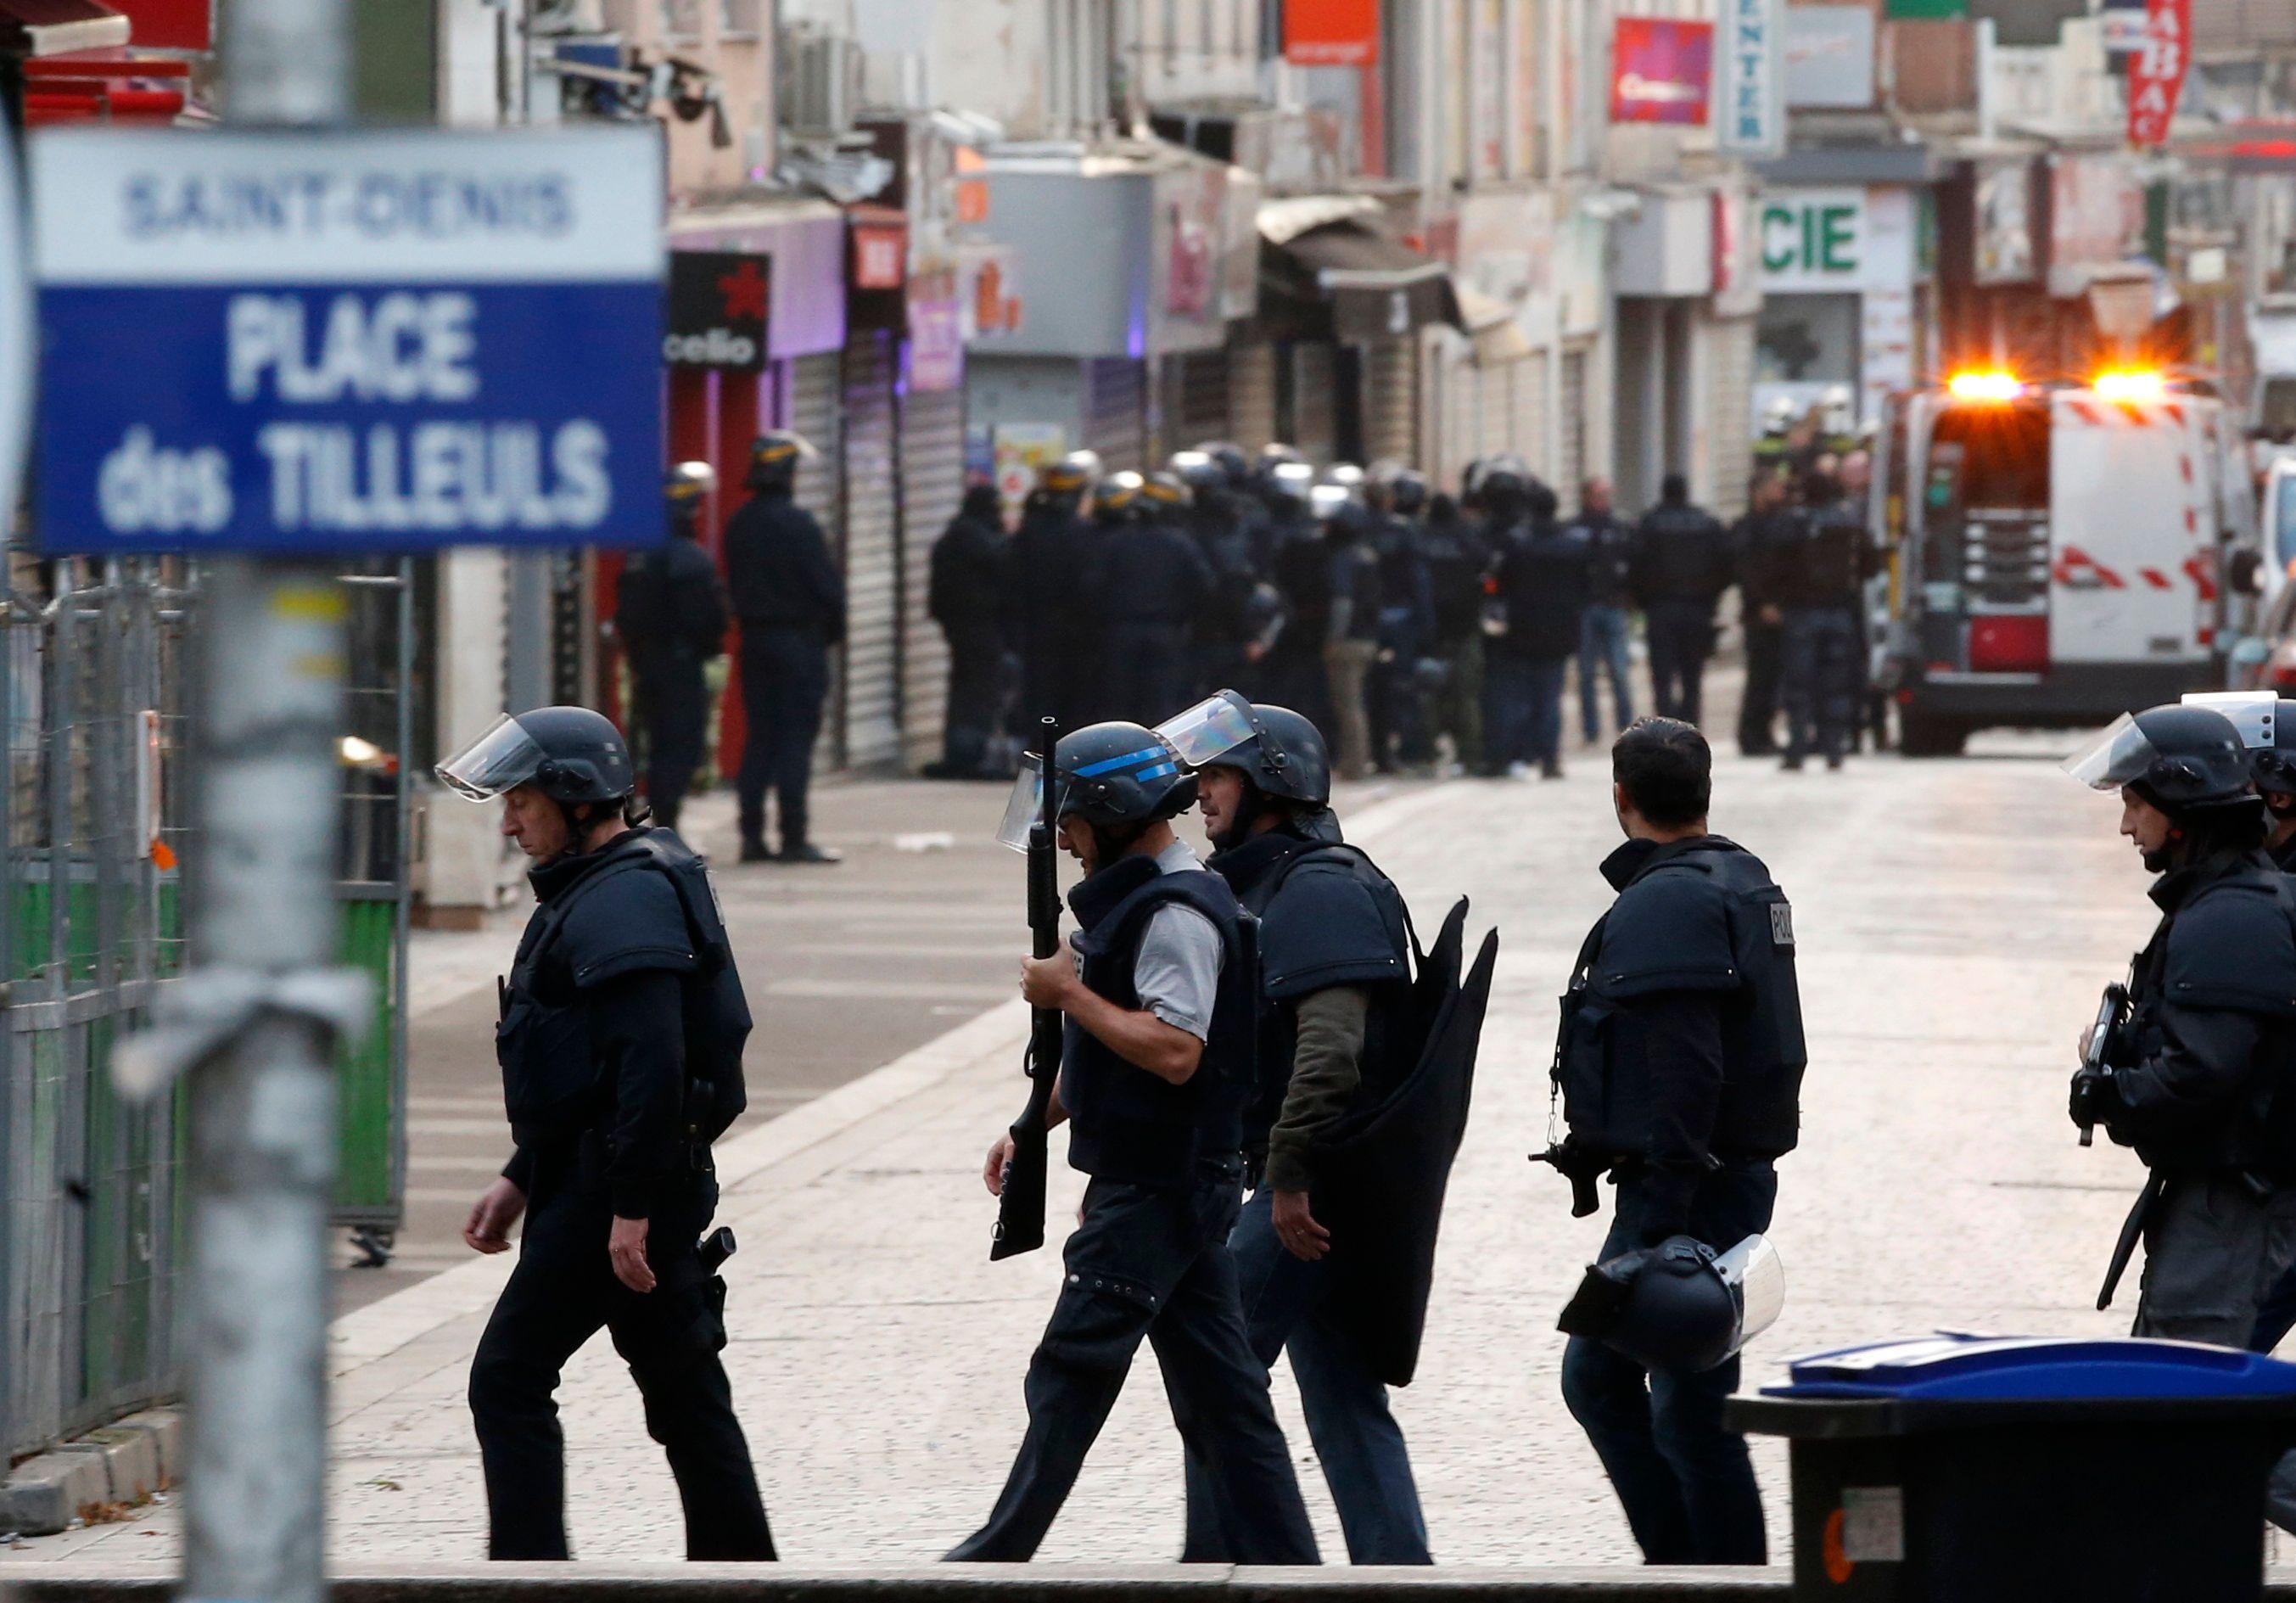 Attentats de Paris : intervention à Saint-Denis, Claude Bartolone, François Baroin, Benoît Hamon, Gérard Larcher ... le zapping vidéo de mercredi